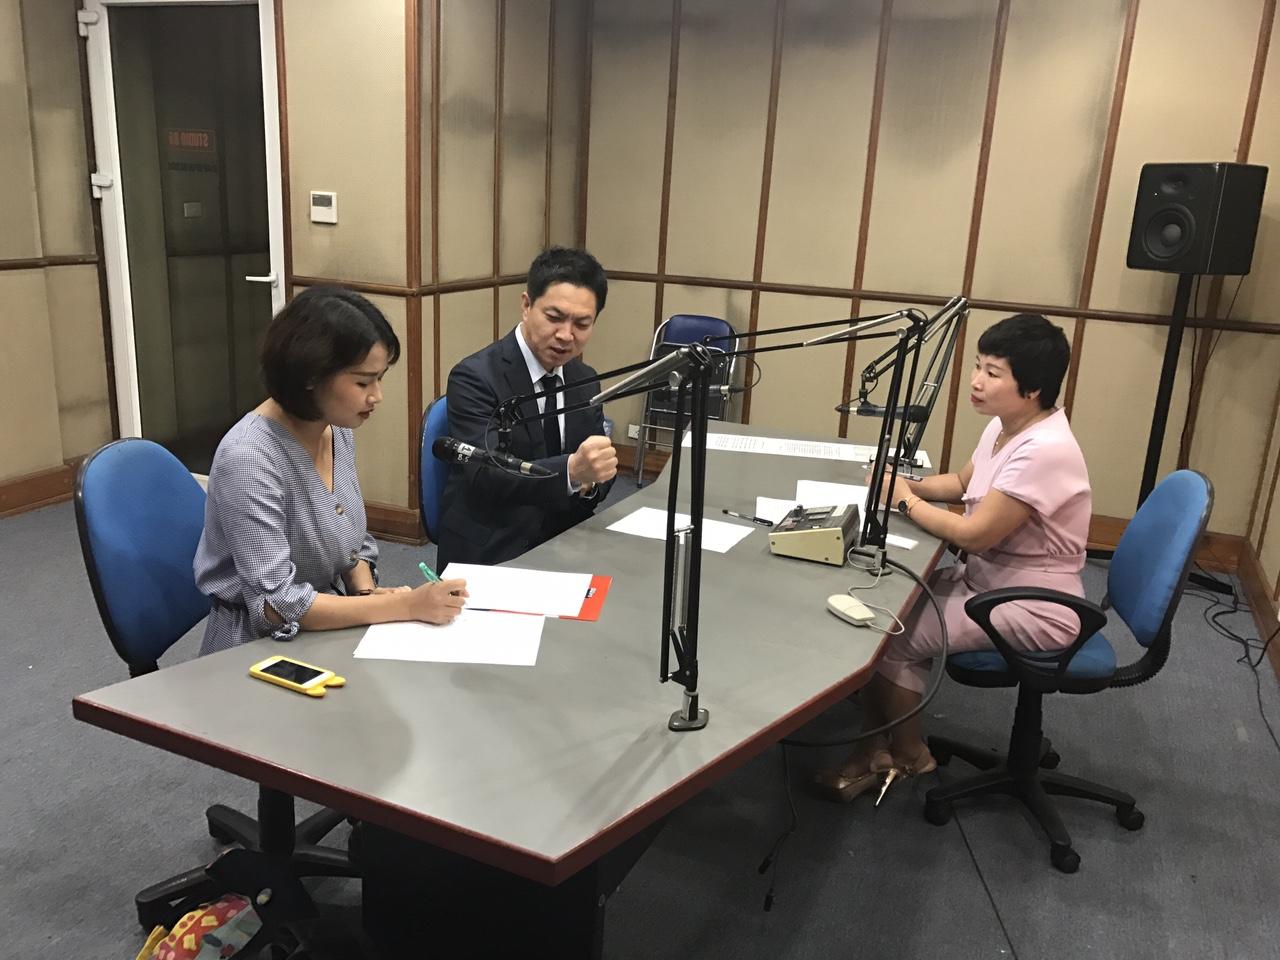 Du học Nhật Bản, những thách thức nào phải đối mặt? (29/5/2018)